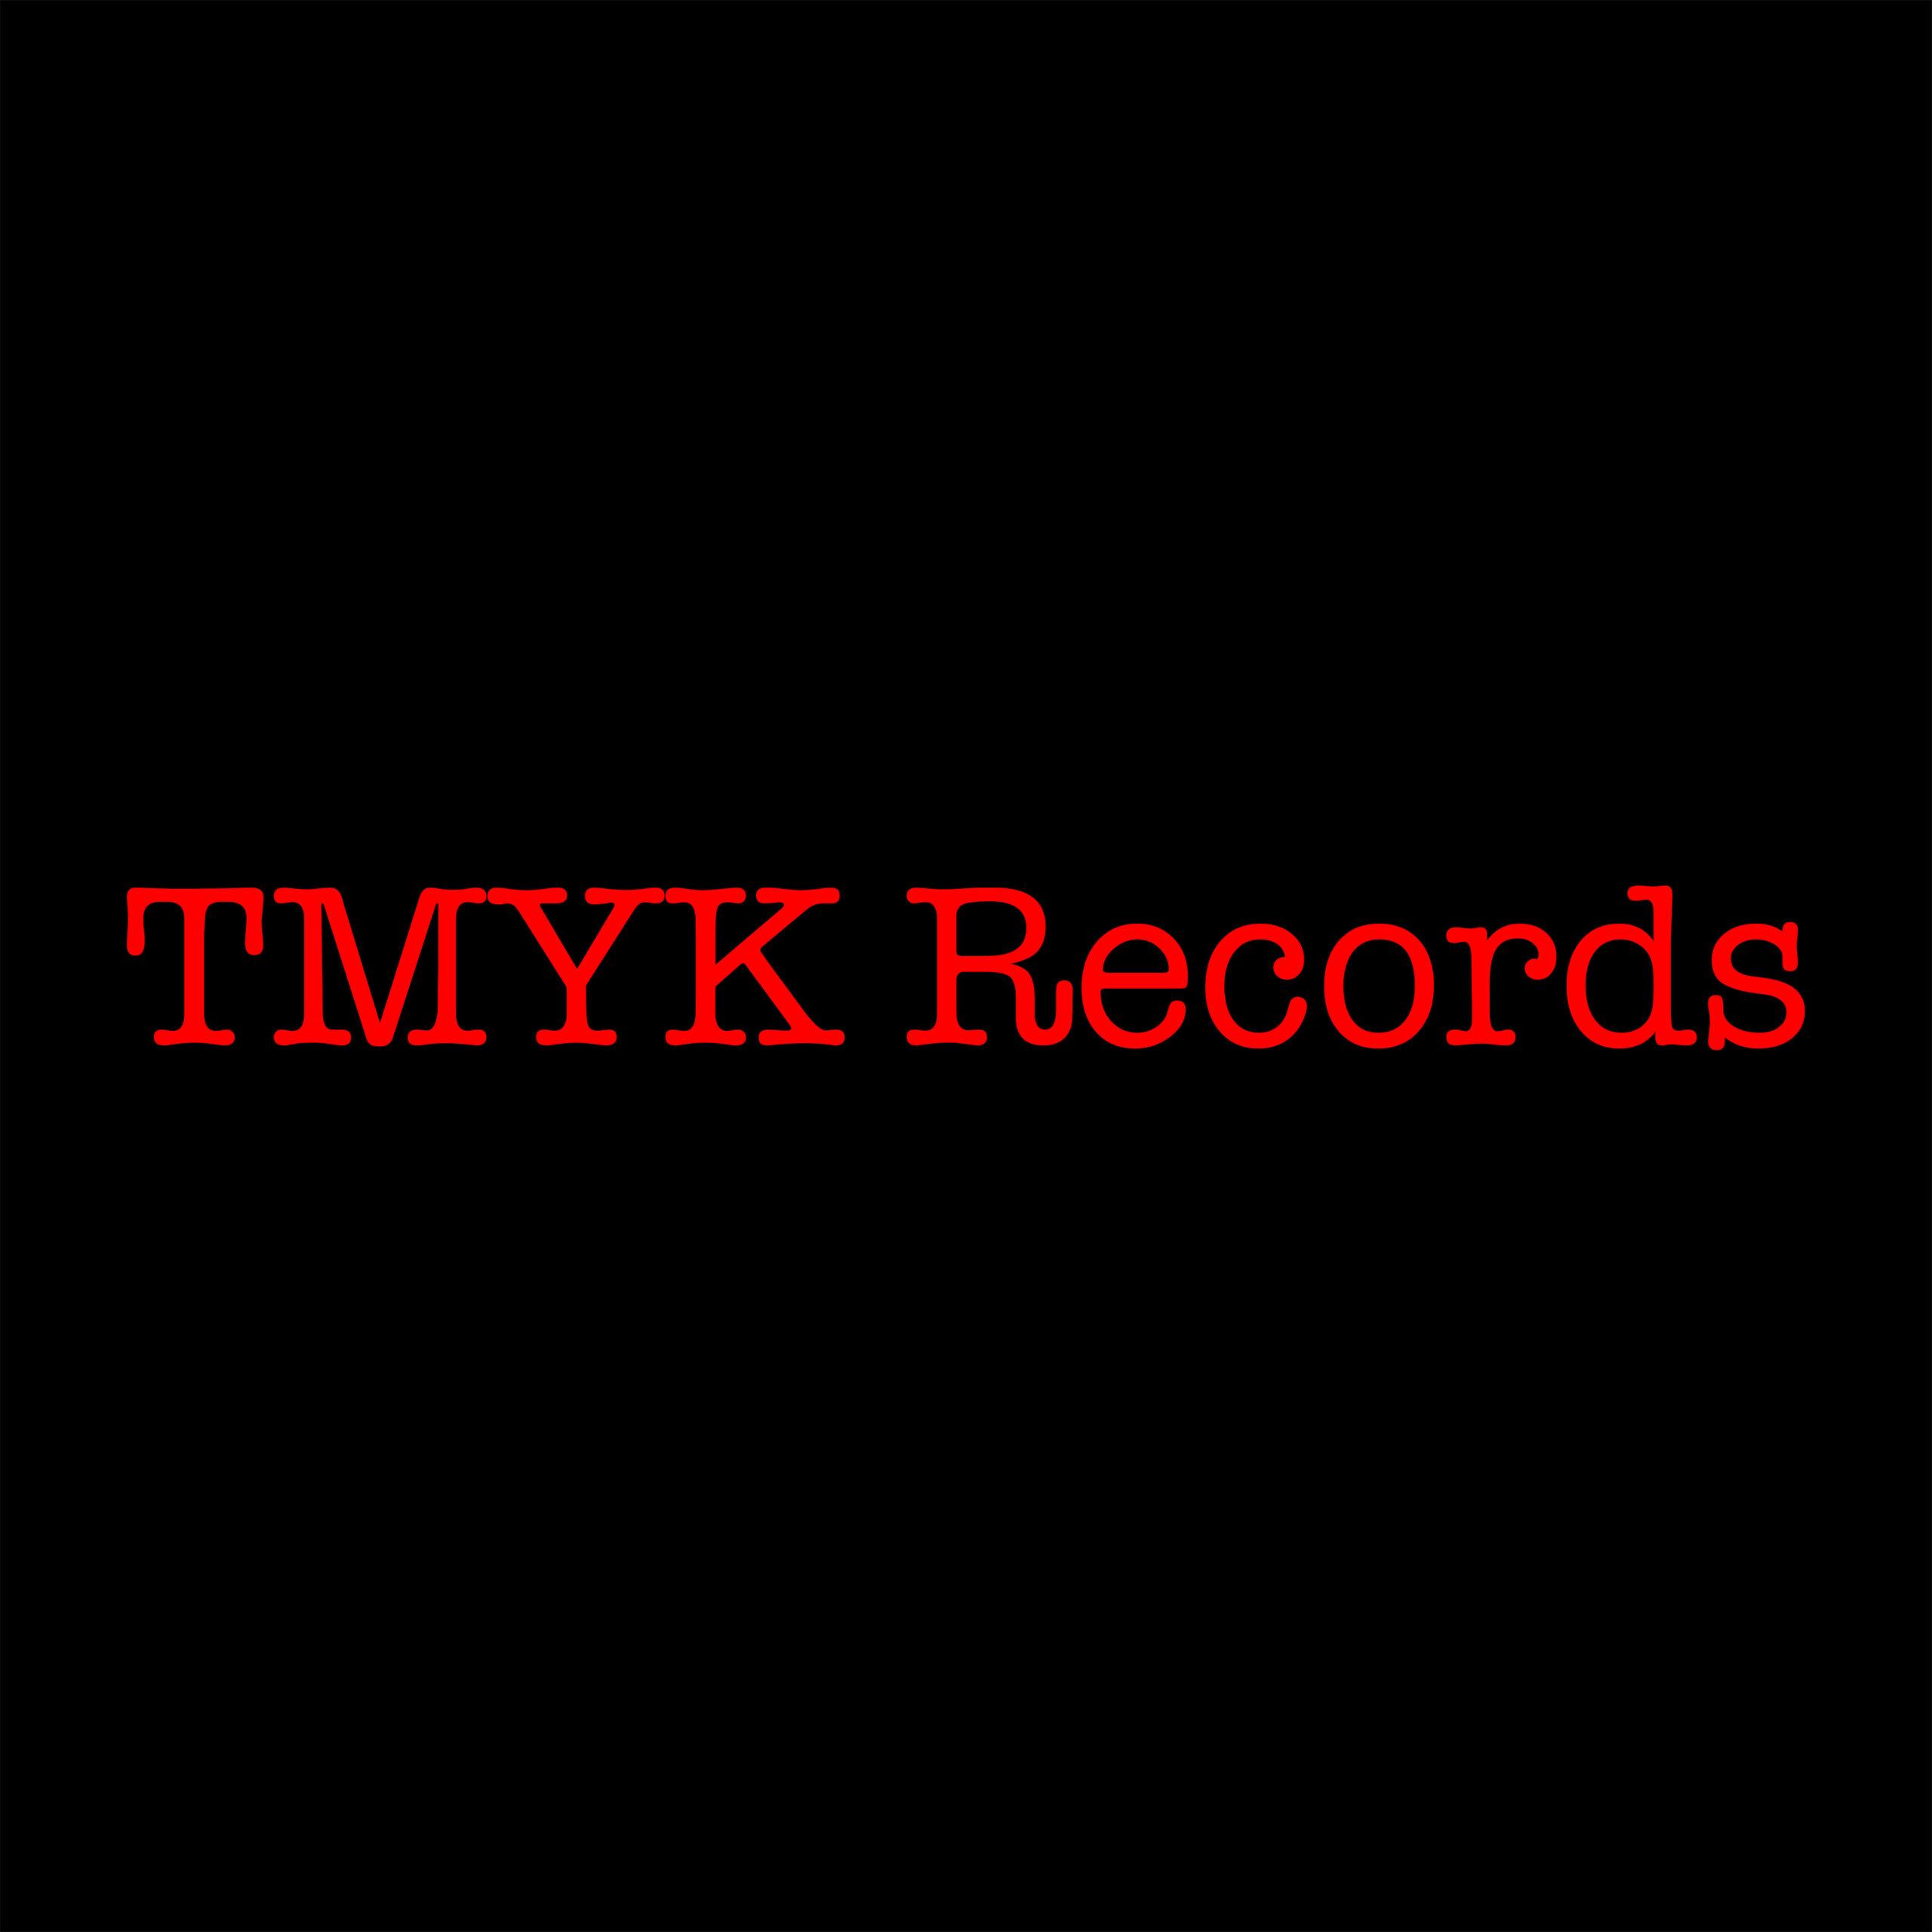 TMYK Records Logo